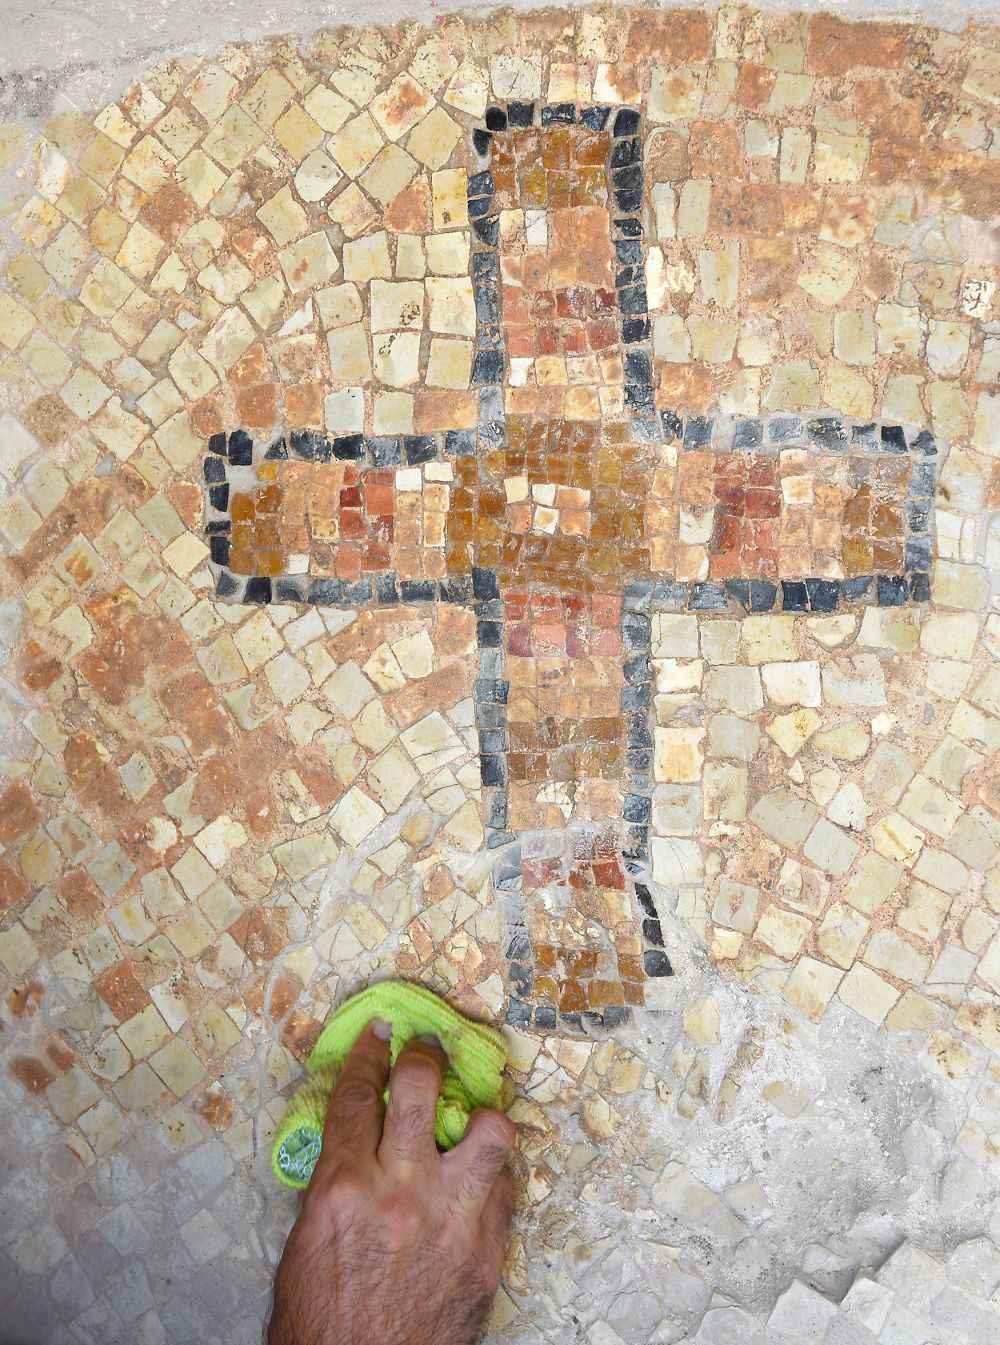 Cruz no mosaico do chão aponta que o monumento  foi local de culto cristão nos primeiros séculos depois de Cristo